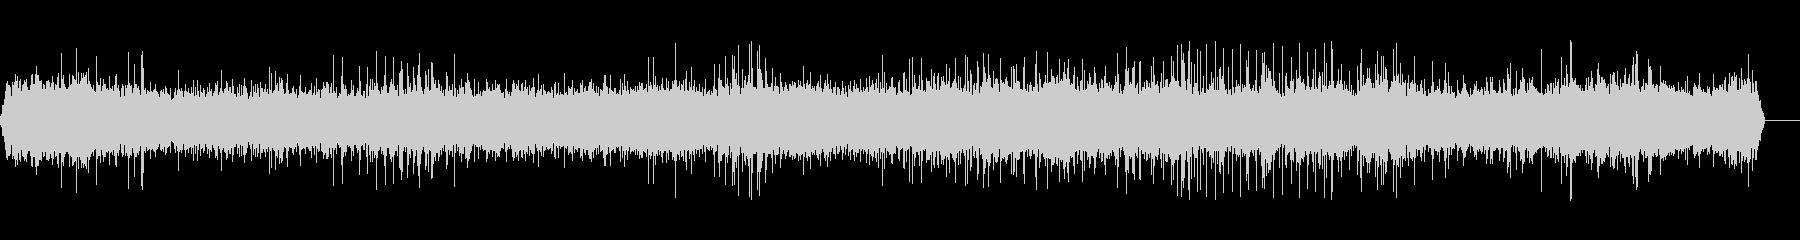 デパート-ロビー、の未再生の波形